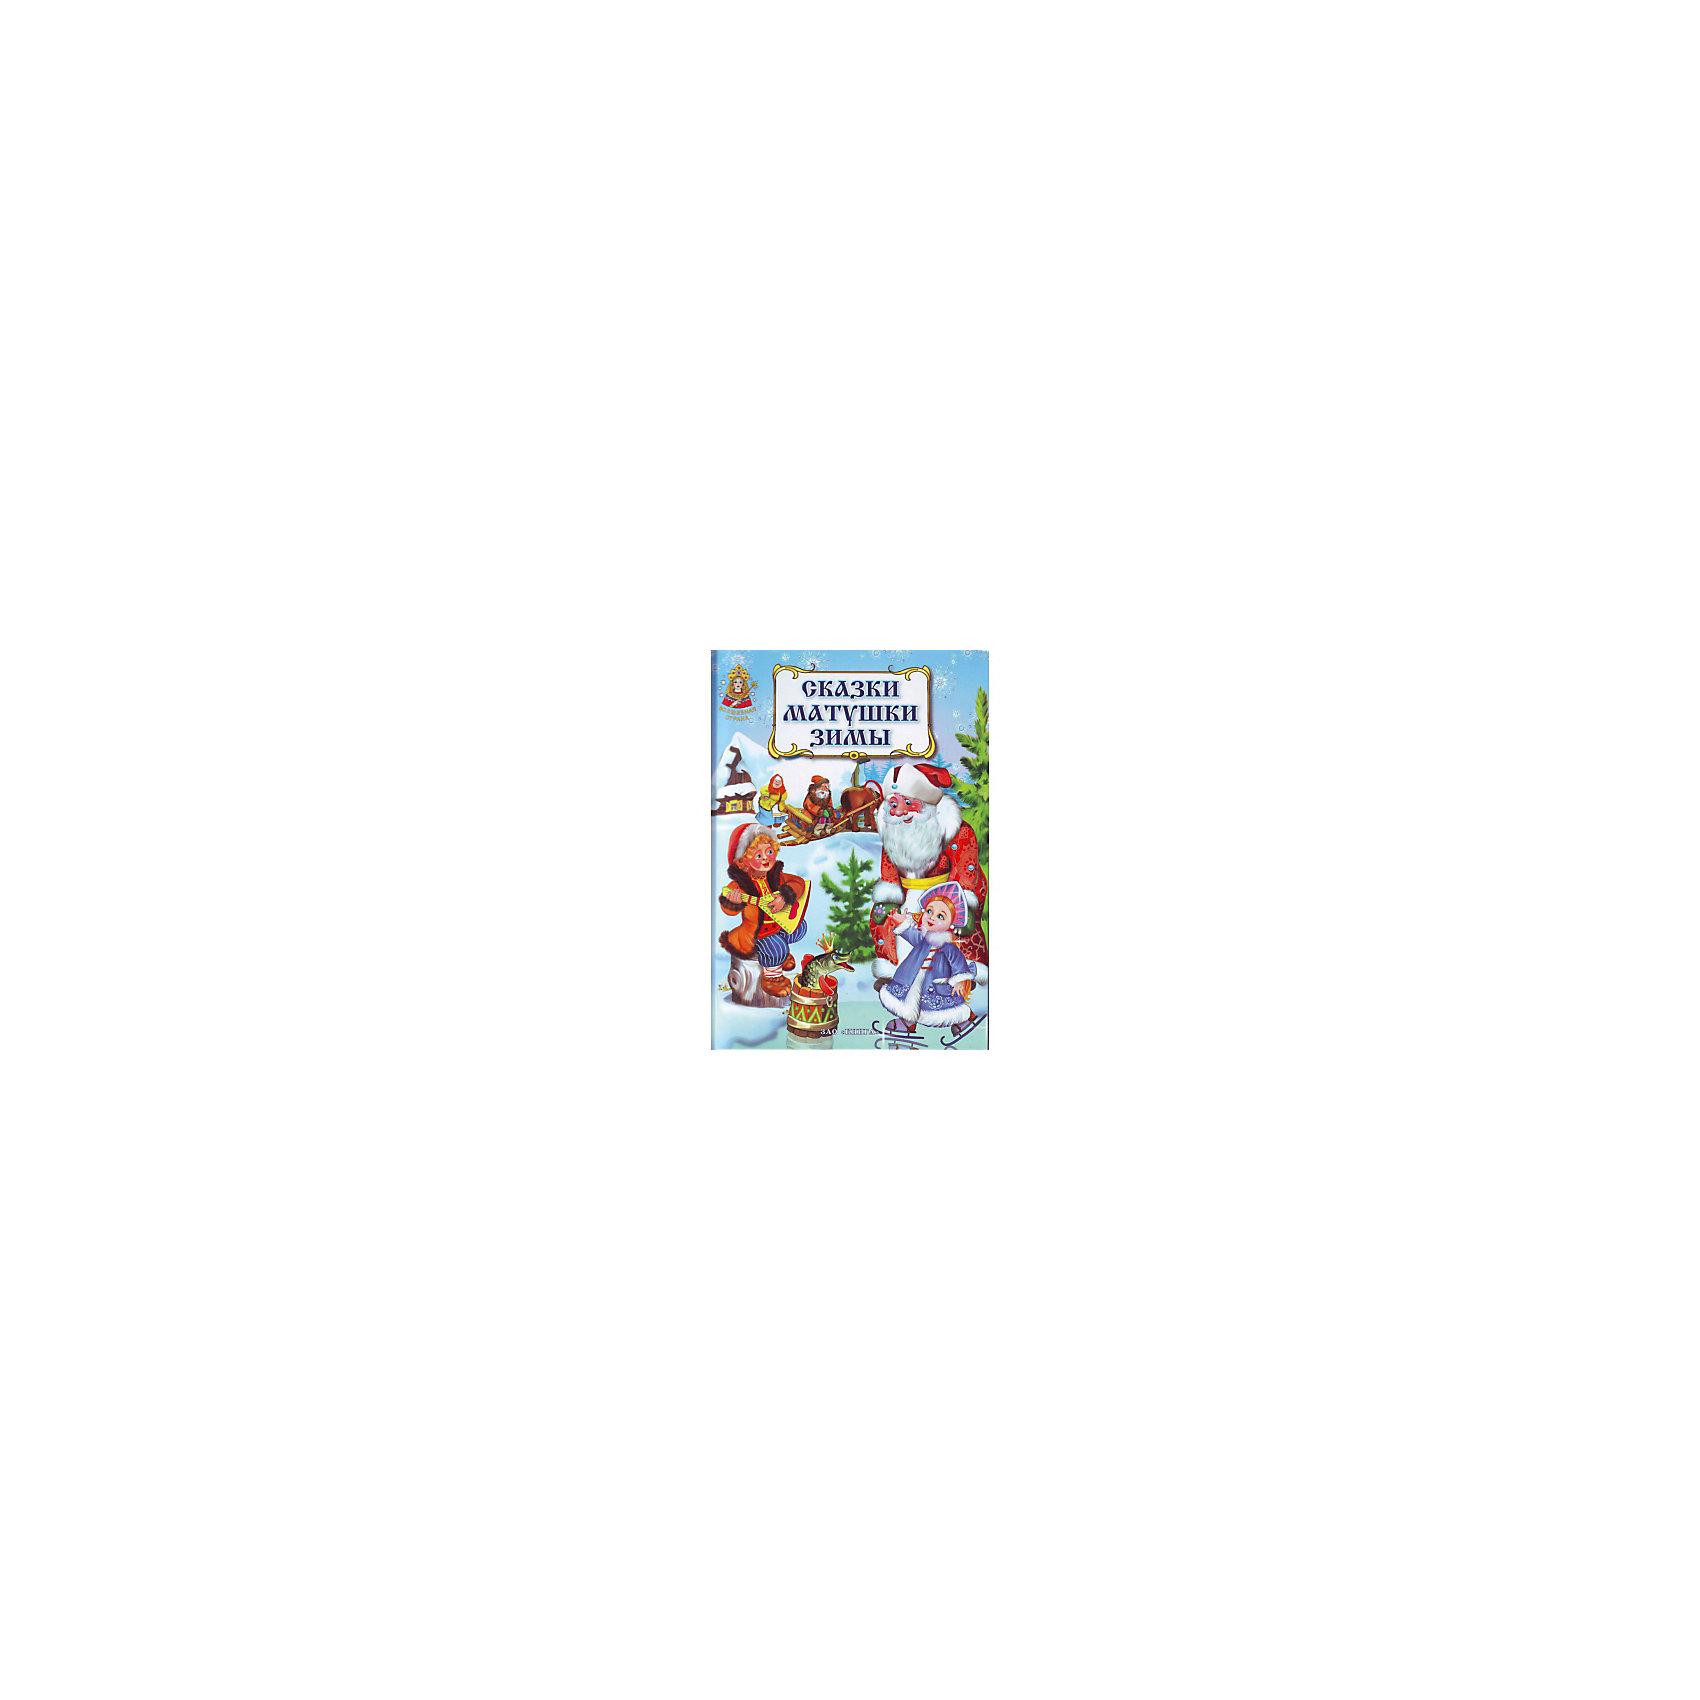 Сказки матушки Зимы: серия сказок Волшебная странаРусские сказки<br>Сказки матушки Зимы. Серия сказок Волшебная страна.<br><br>Характеристики:<br><br>• Для детей в возрасте: от 3 лет<br>• Художник: Гордиенко А. А.<br>• Издательство: ЗАО Книга<br>• Серия: Волшебная страна<br>• Тип обложки: 7Бц - твердая, целлофанированная (или лакированная)<br>• Иллюстрации: цветные<br>• Количество страниц: 128 (офсет)<br>• Размер: 245х175х14 мм.<br>• Вес: 384 гр.<br>• ISBN: 9785872595014<br><br>Красочно иллюстрированная книга русских народных сказок займёт достойное место в домашней библиотеке. В книгу вошли сказки Снегурочка, Морозко, По щучьему веленью, Мороз Иванович, Зимовье зверей в обработке известных авторов. Интересный сюжет сказок захватит внимание малышей, а прекрасные иллюстрации идеально дополнят повествование. Для дошкольного и младшего школьного возраста.<br><br>Книгу Сказки матушки Зимы. Серия сказок Волшебная страна можно купить в нашем интернет-магазине.<br><br>Ширина мм: 245<br>Глубина мм: 170<br>Высота мм: 100<br>Вес г: 500<br>Возраст от месяцев: 36<br>Возраст до месяцев: 2147483647<br>Пол: Унисекс<br>Возраст: Детский<br>SKU: 5521184